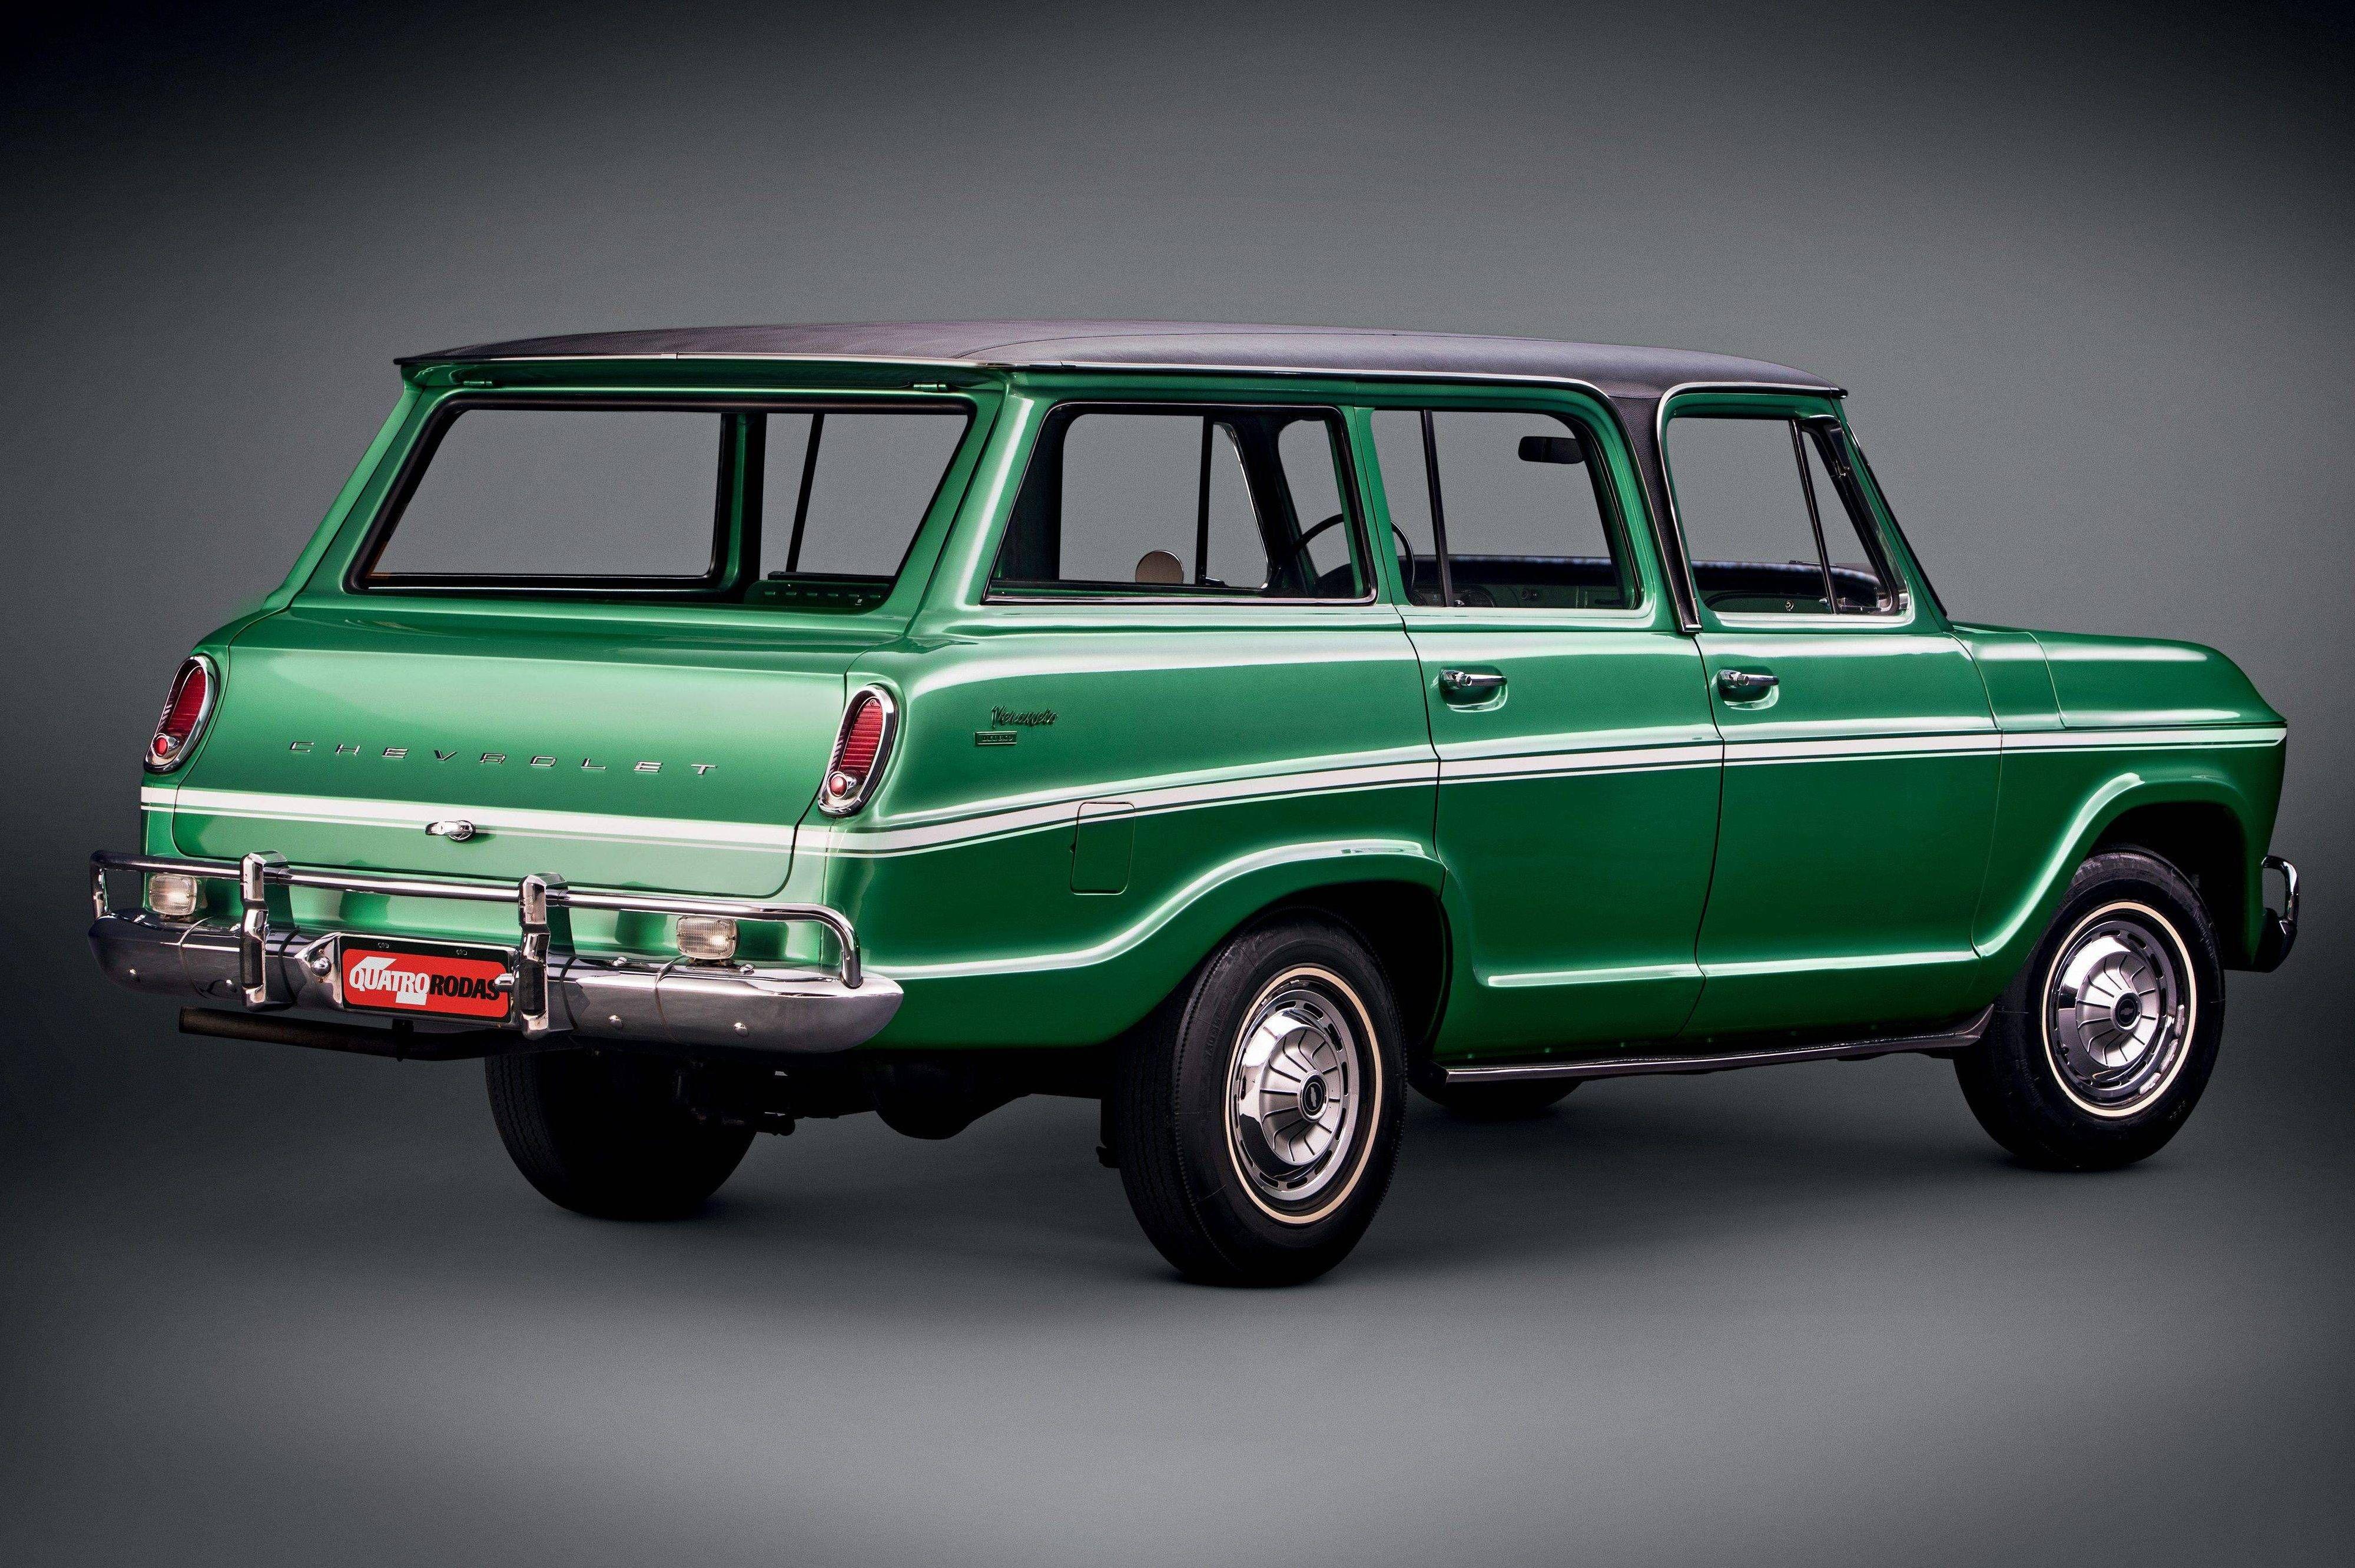 Classicos A Espacosa Refinada E Policialesca Chevrolet Veraneio